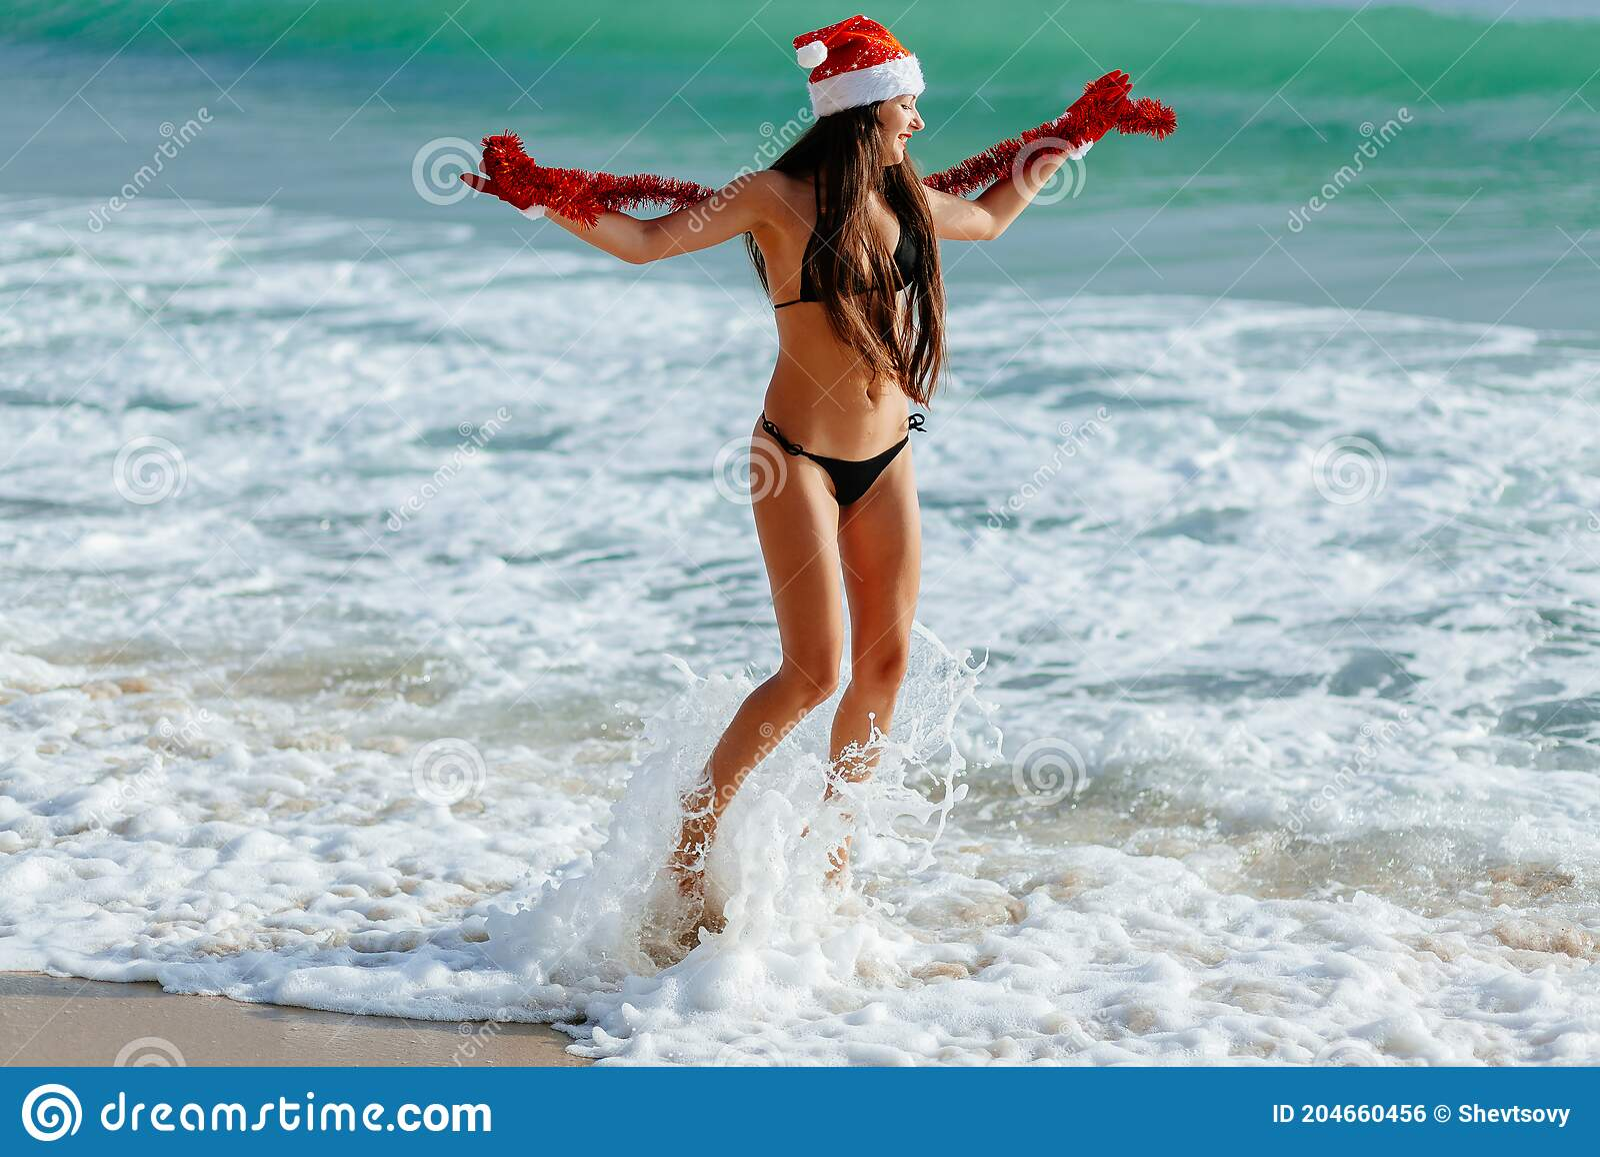 Beach hot naked teen